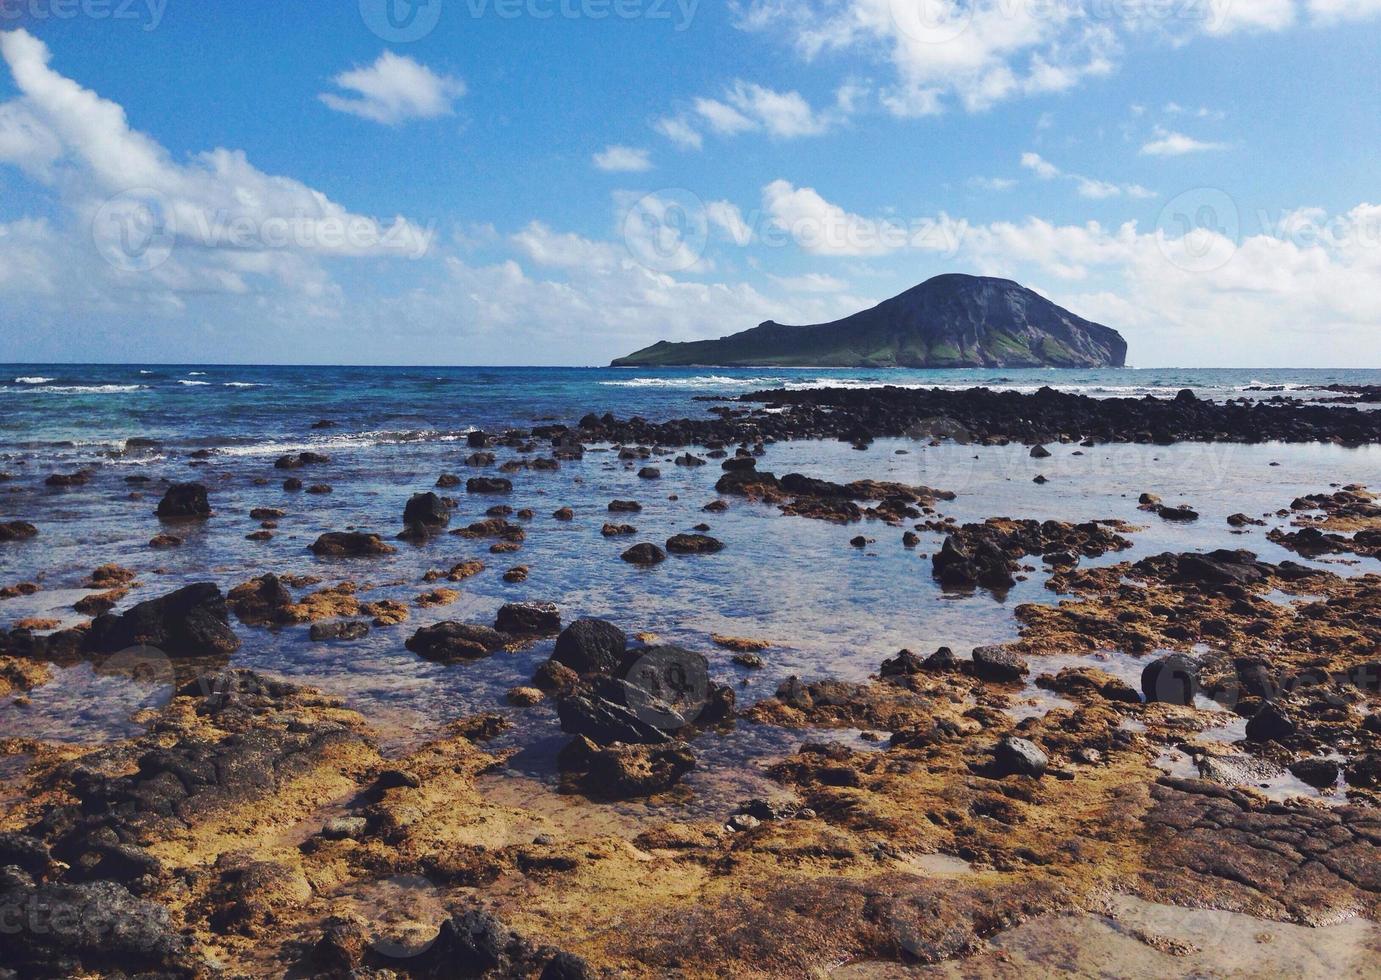 spiaggia rocciosa con oceano e isola dei conigli waimanalo hawaii foto